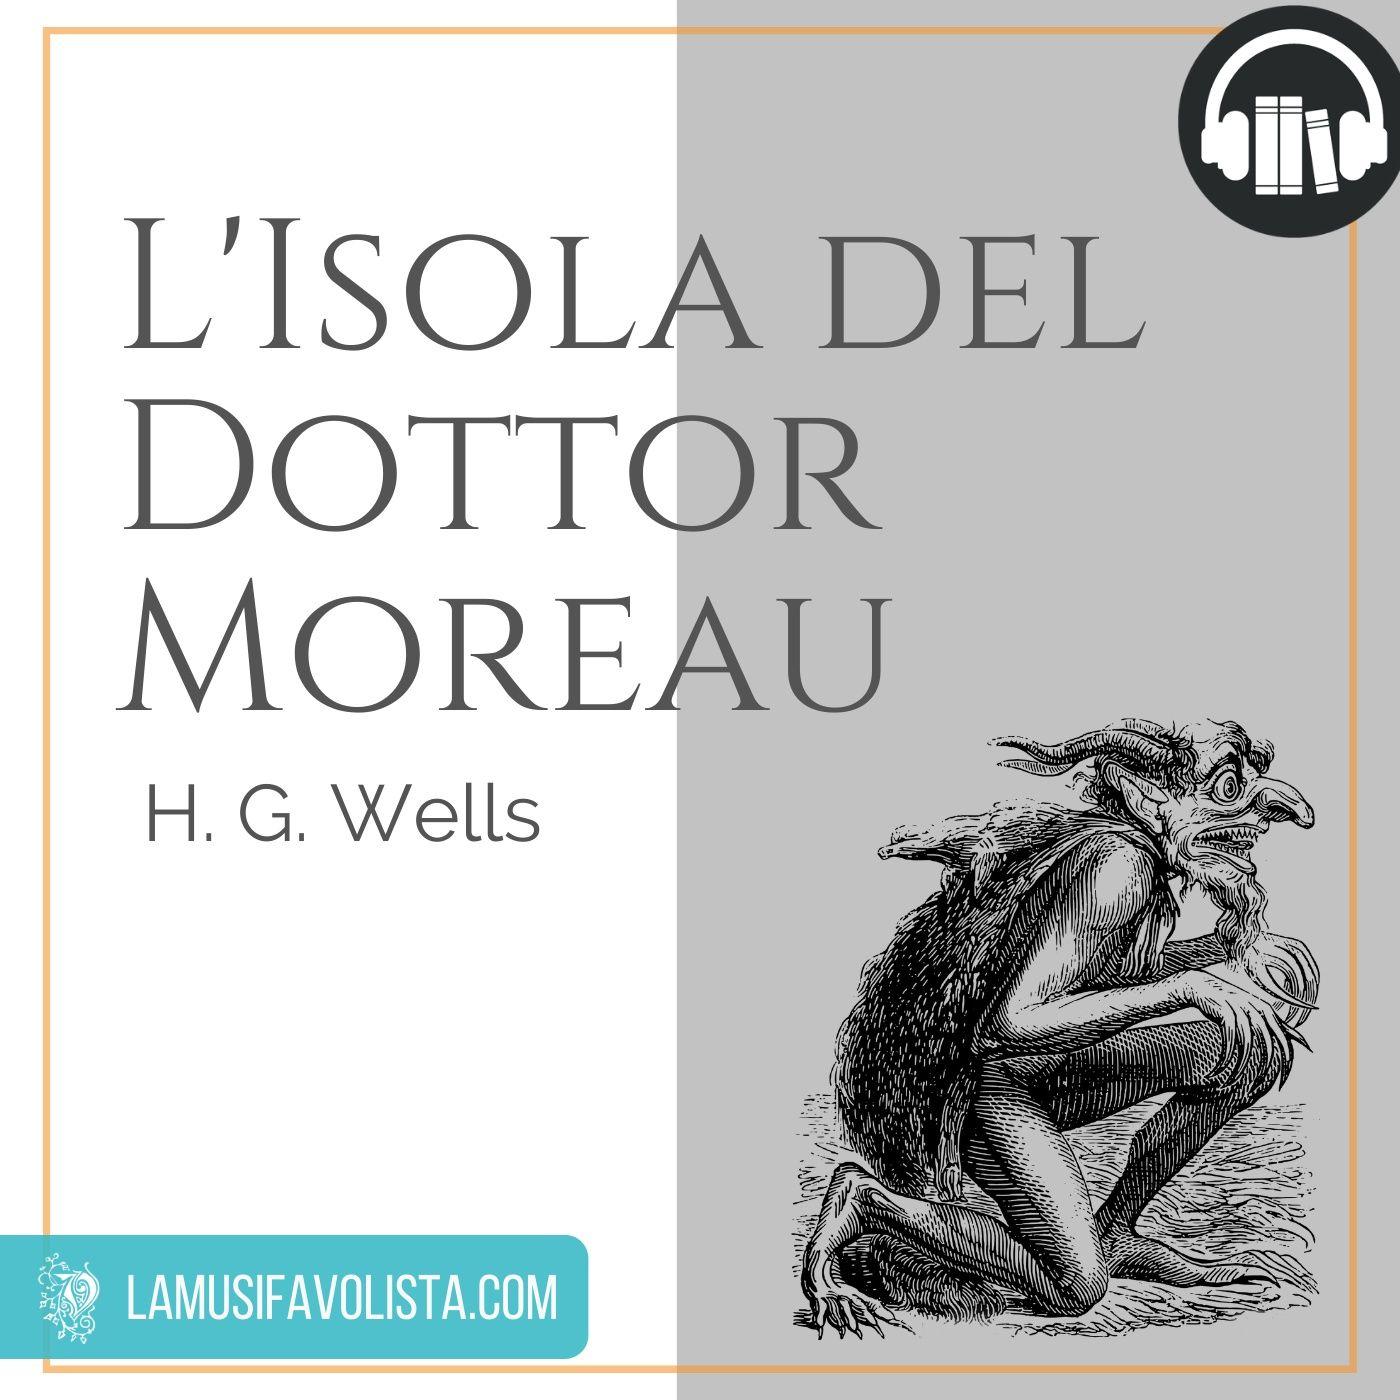 L'ISOLA DEL DOTTOR MOREAU - H. G. Wells ☆ Premessa  ☆ Audiolibro ☆